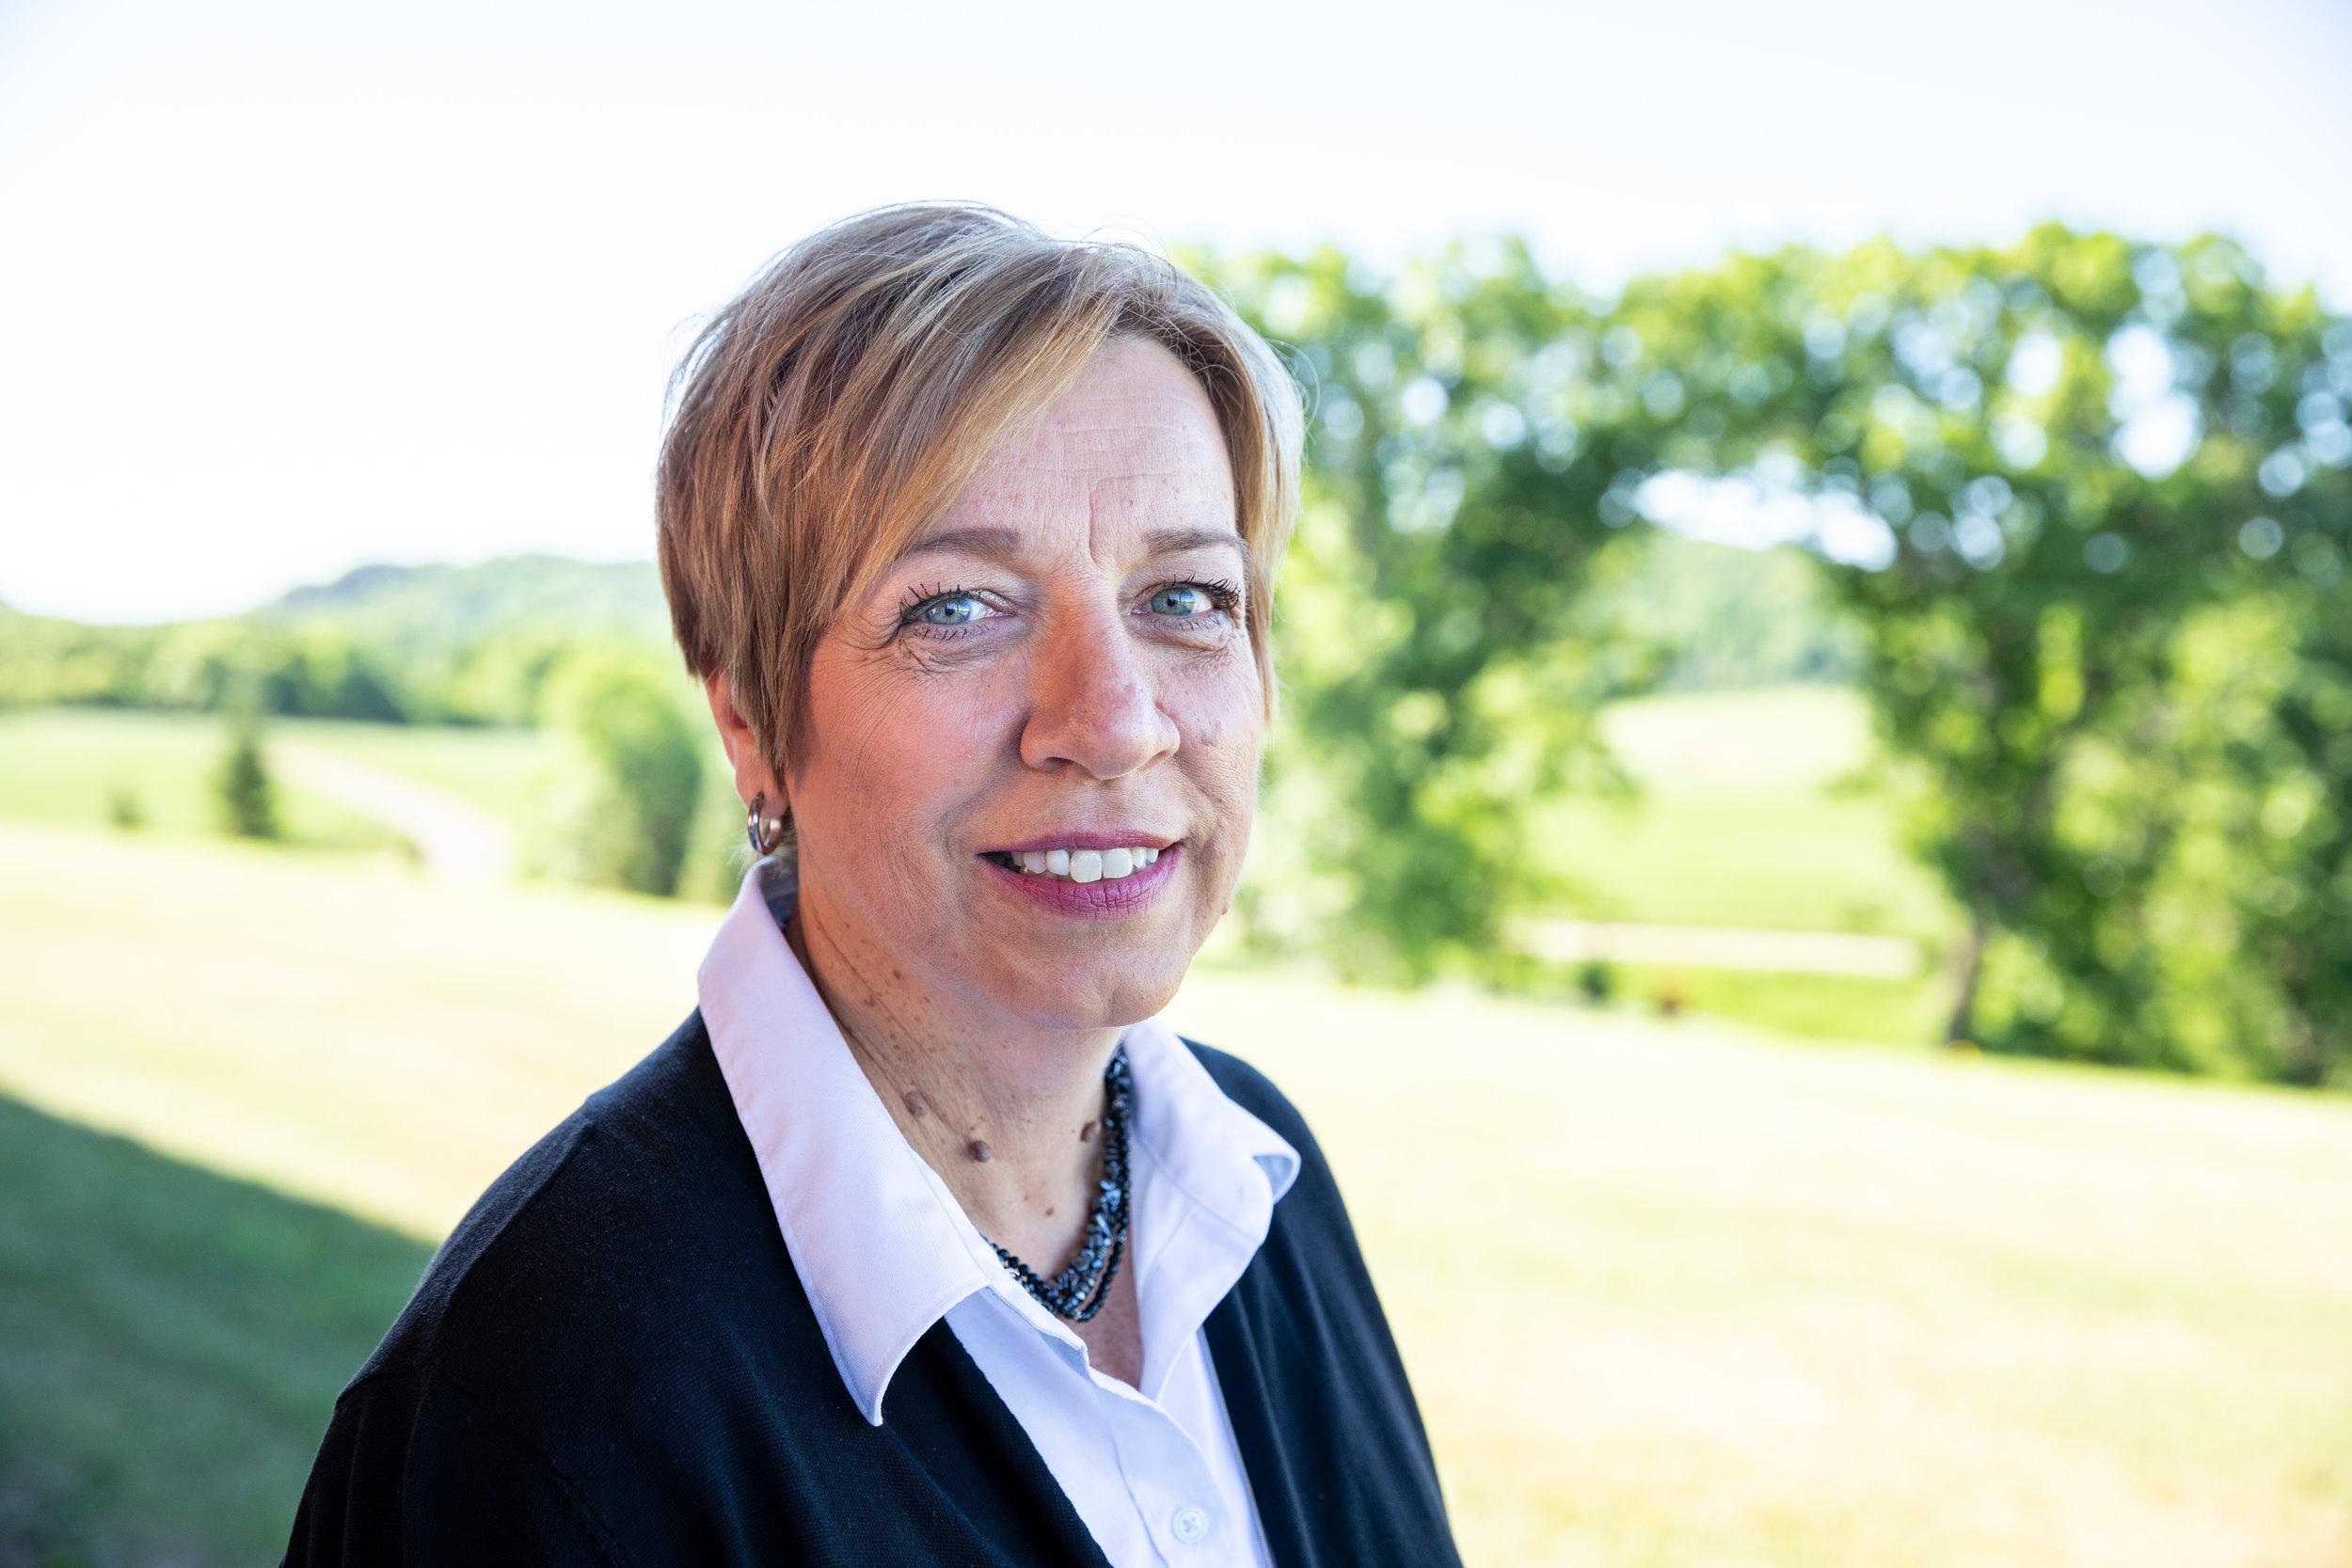 ELLEN SMIEJA, Production Manager